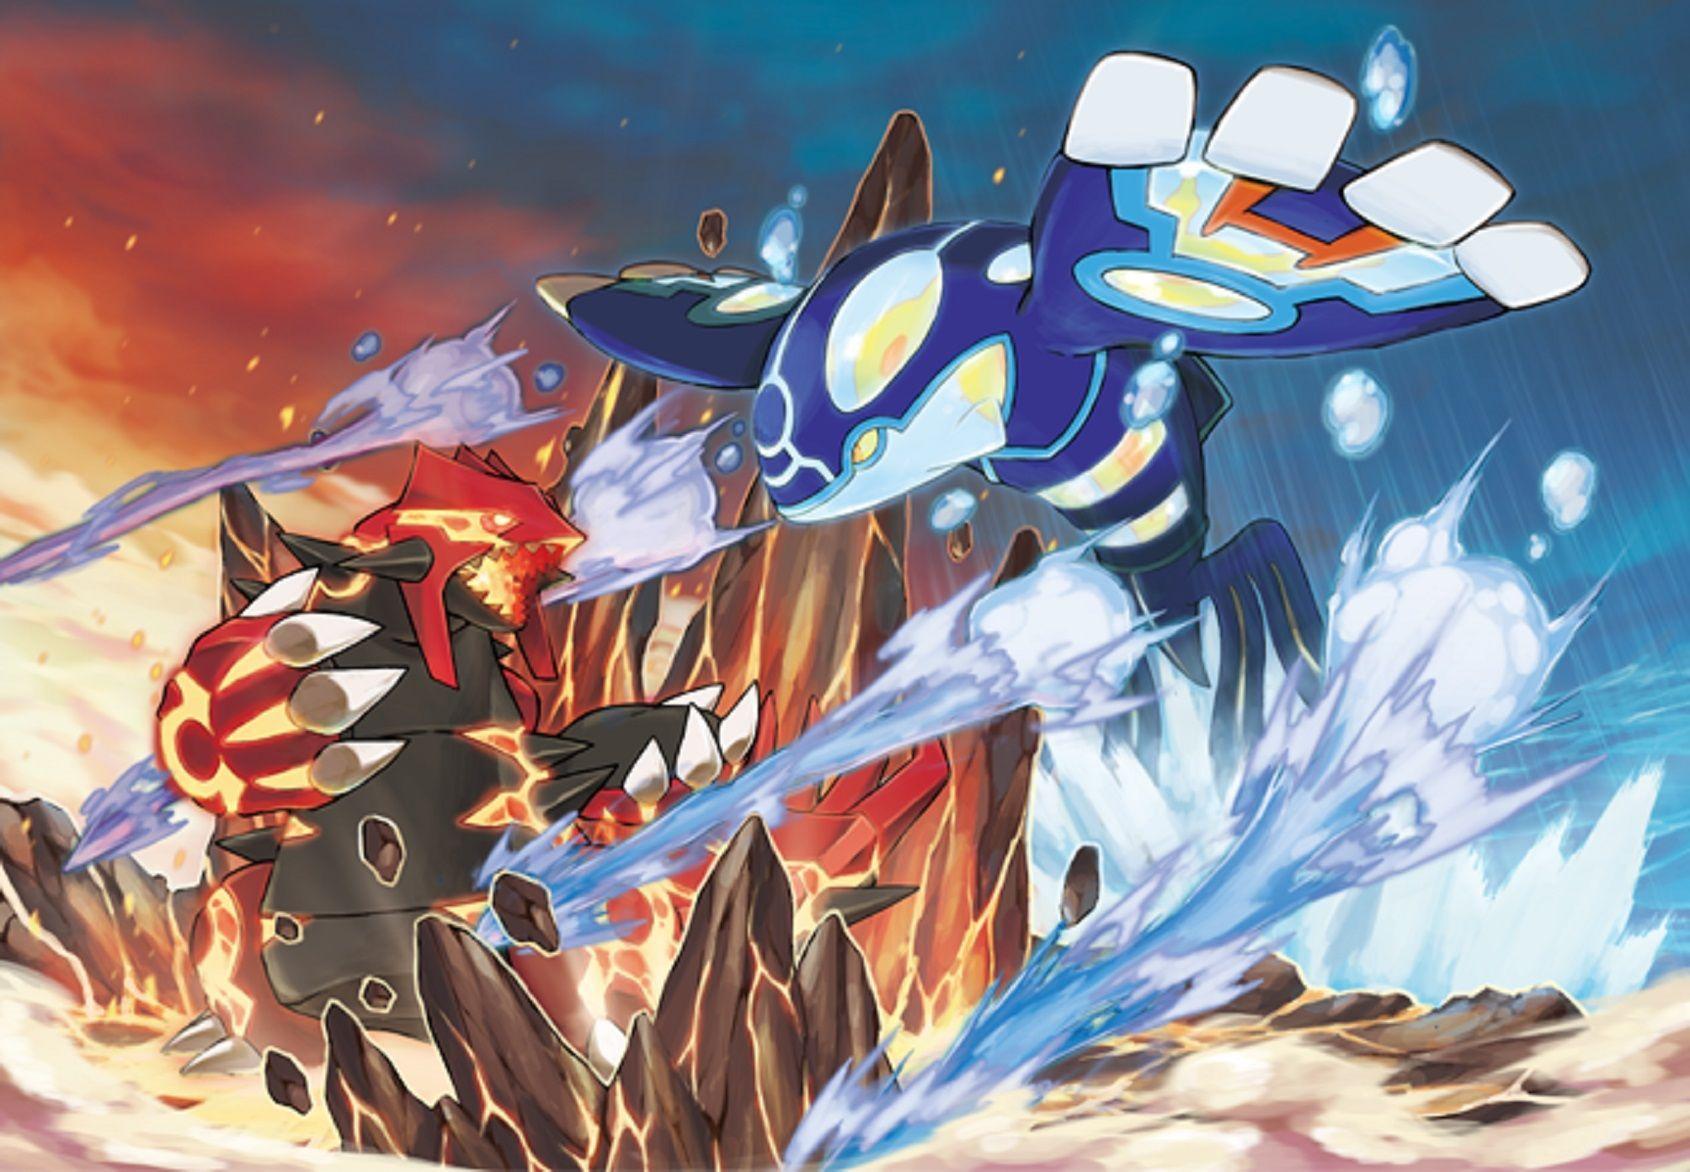 Pokemon Mega Evolution Wallpaper All Mega Pokemon Wallpapers Top Free All Mega Pokemon Mega Hoenn Starters By Arkeis Pokemon On Deviantart Mega Ring Wallpape